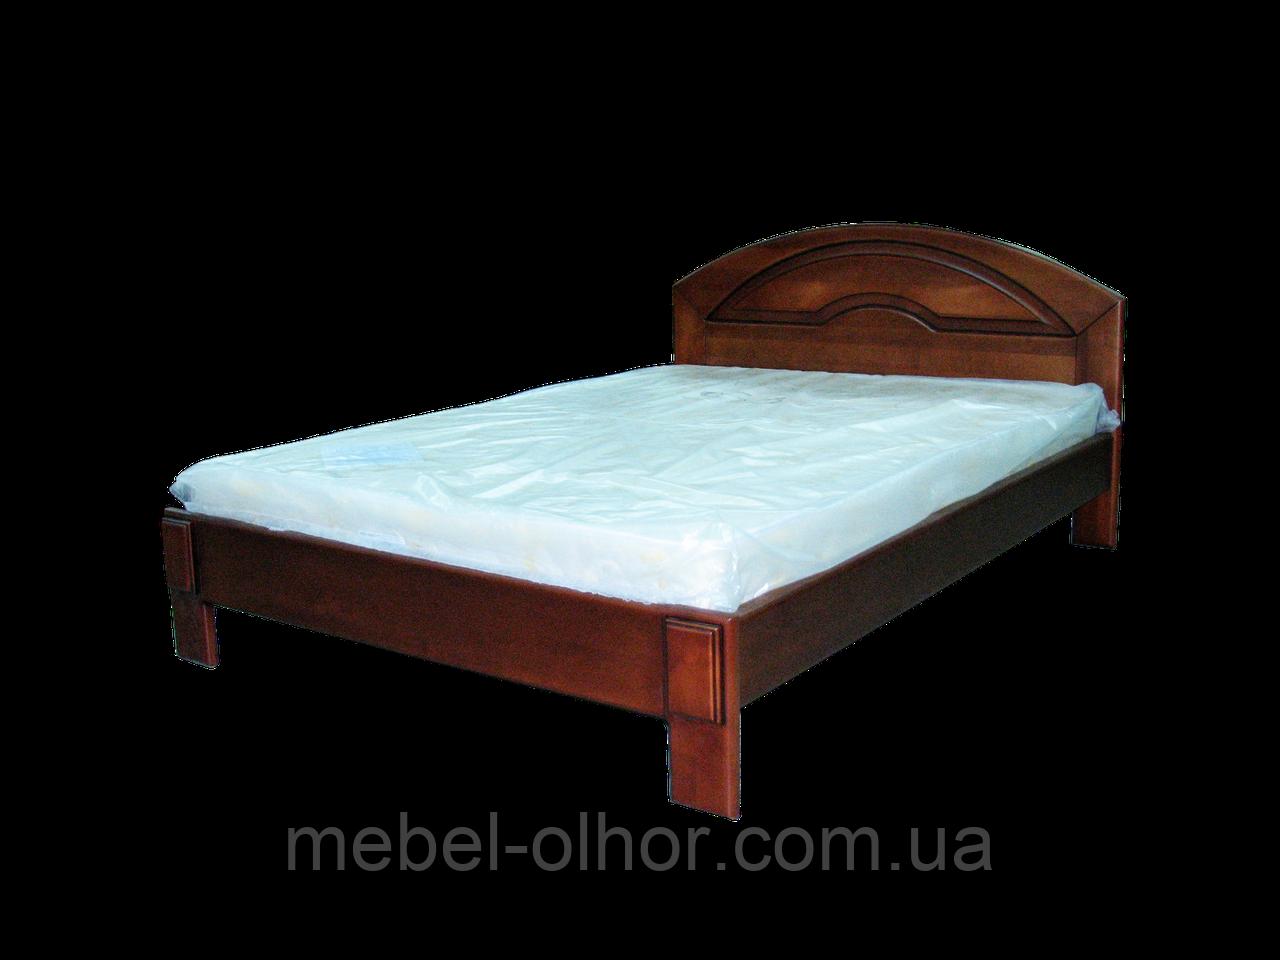 Кровать из дерева Кармен-1 (массив 90/200)